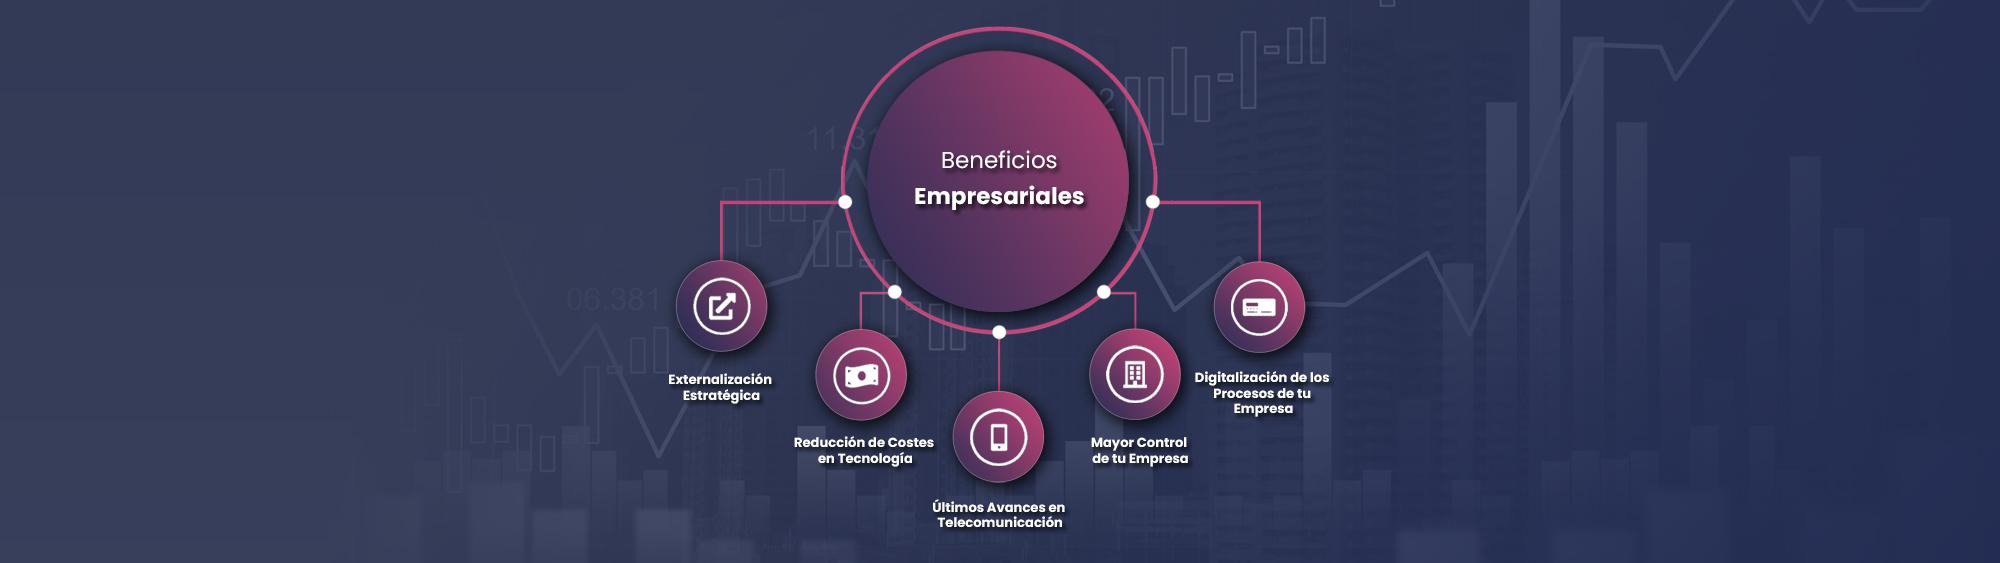 Beneficios Empresariales